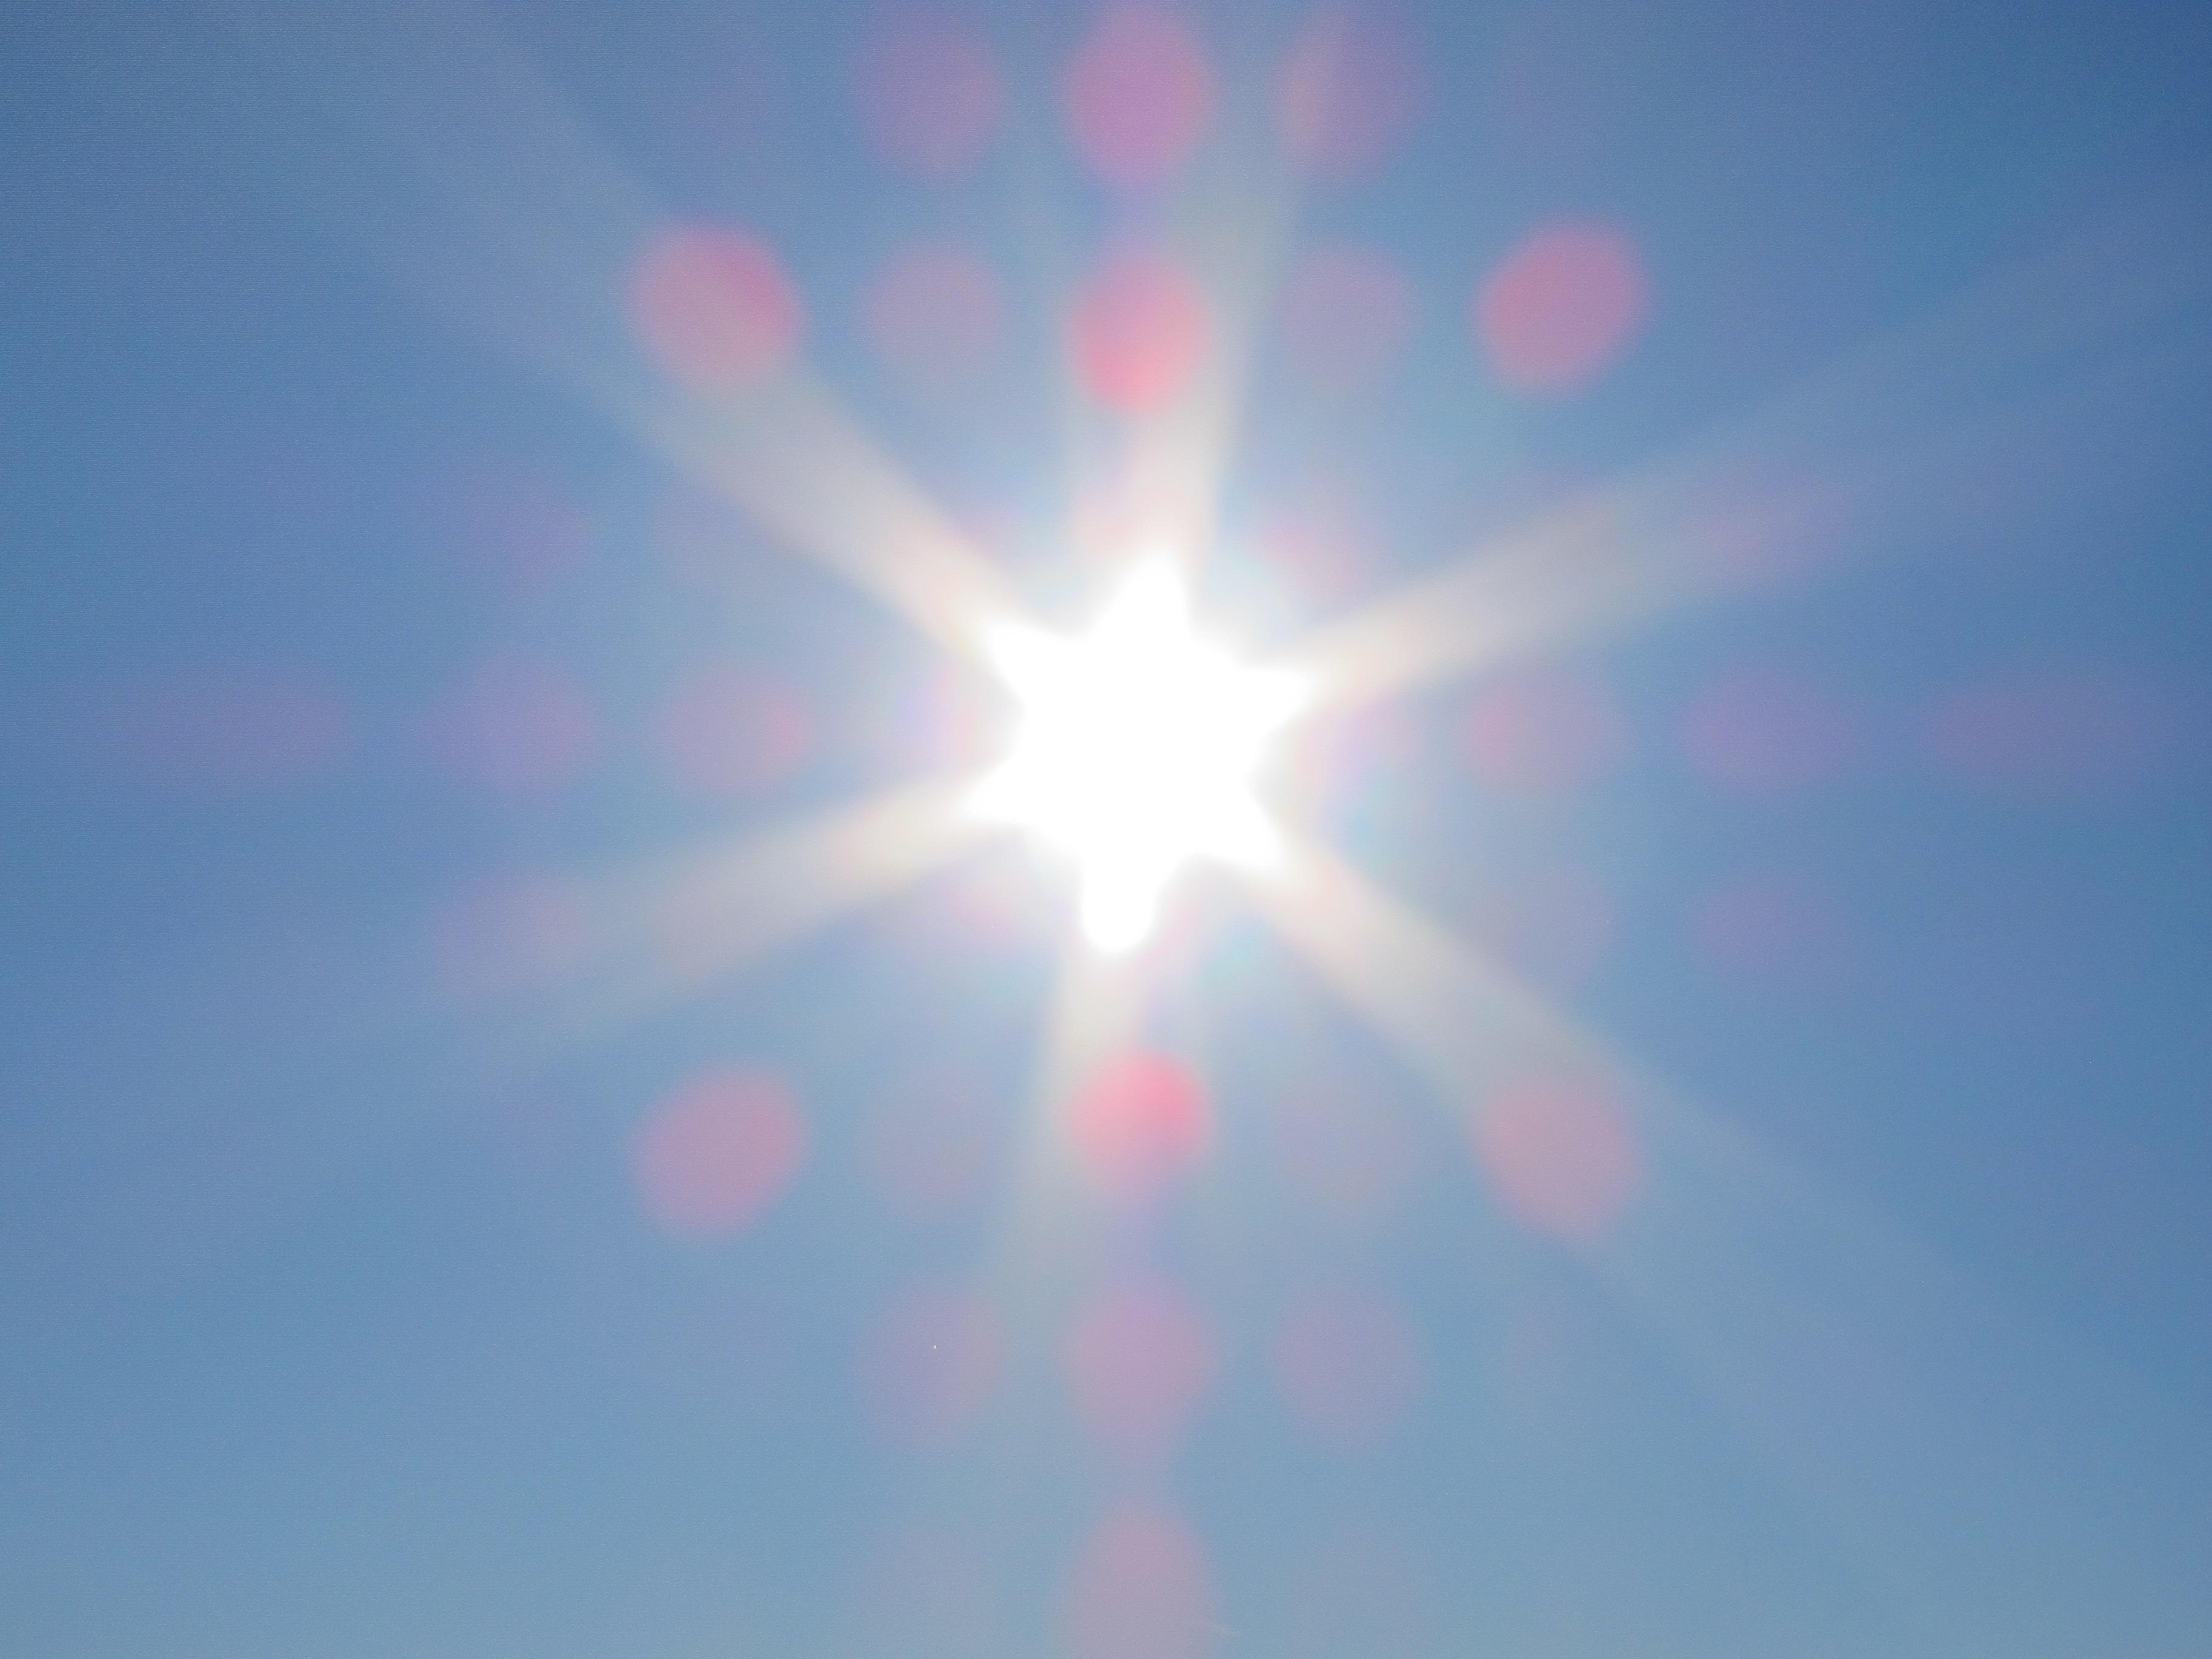 Sanidad recuerda a la población la importancia de tomar precauciones frente a los efectos del sol y el calor